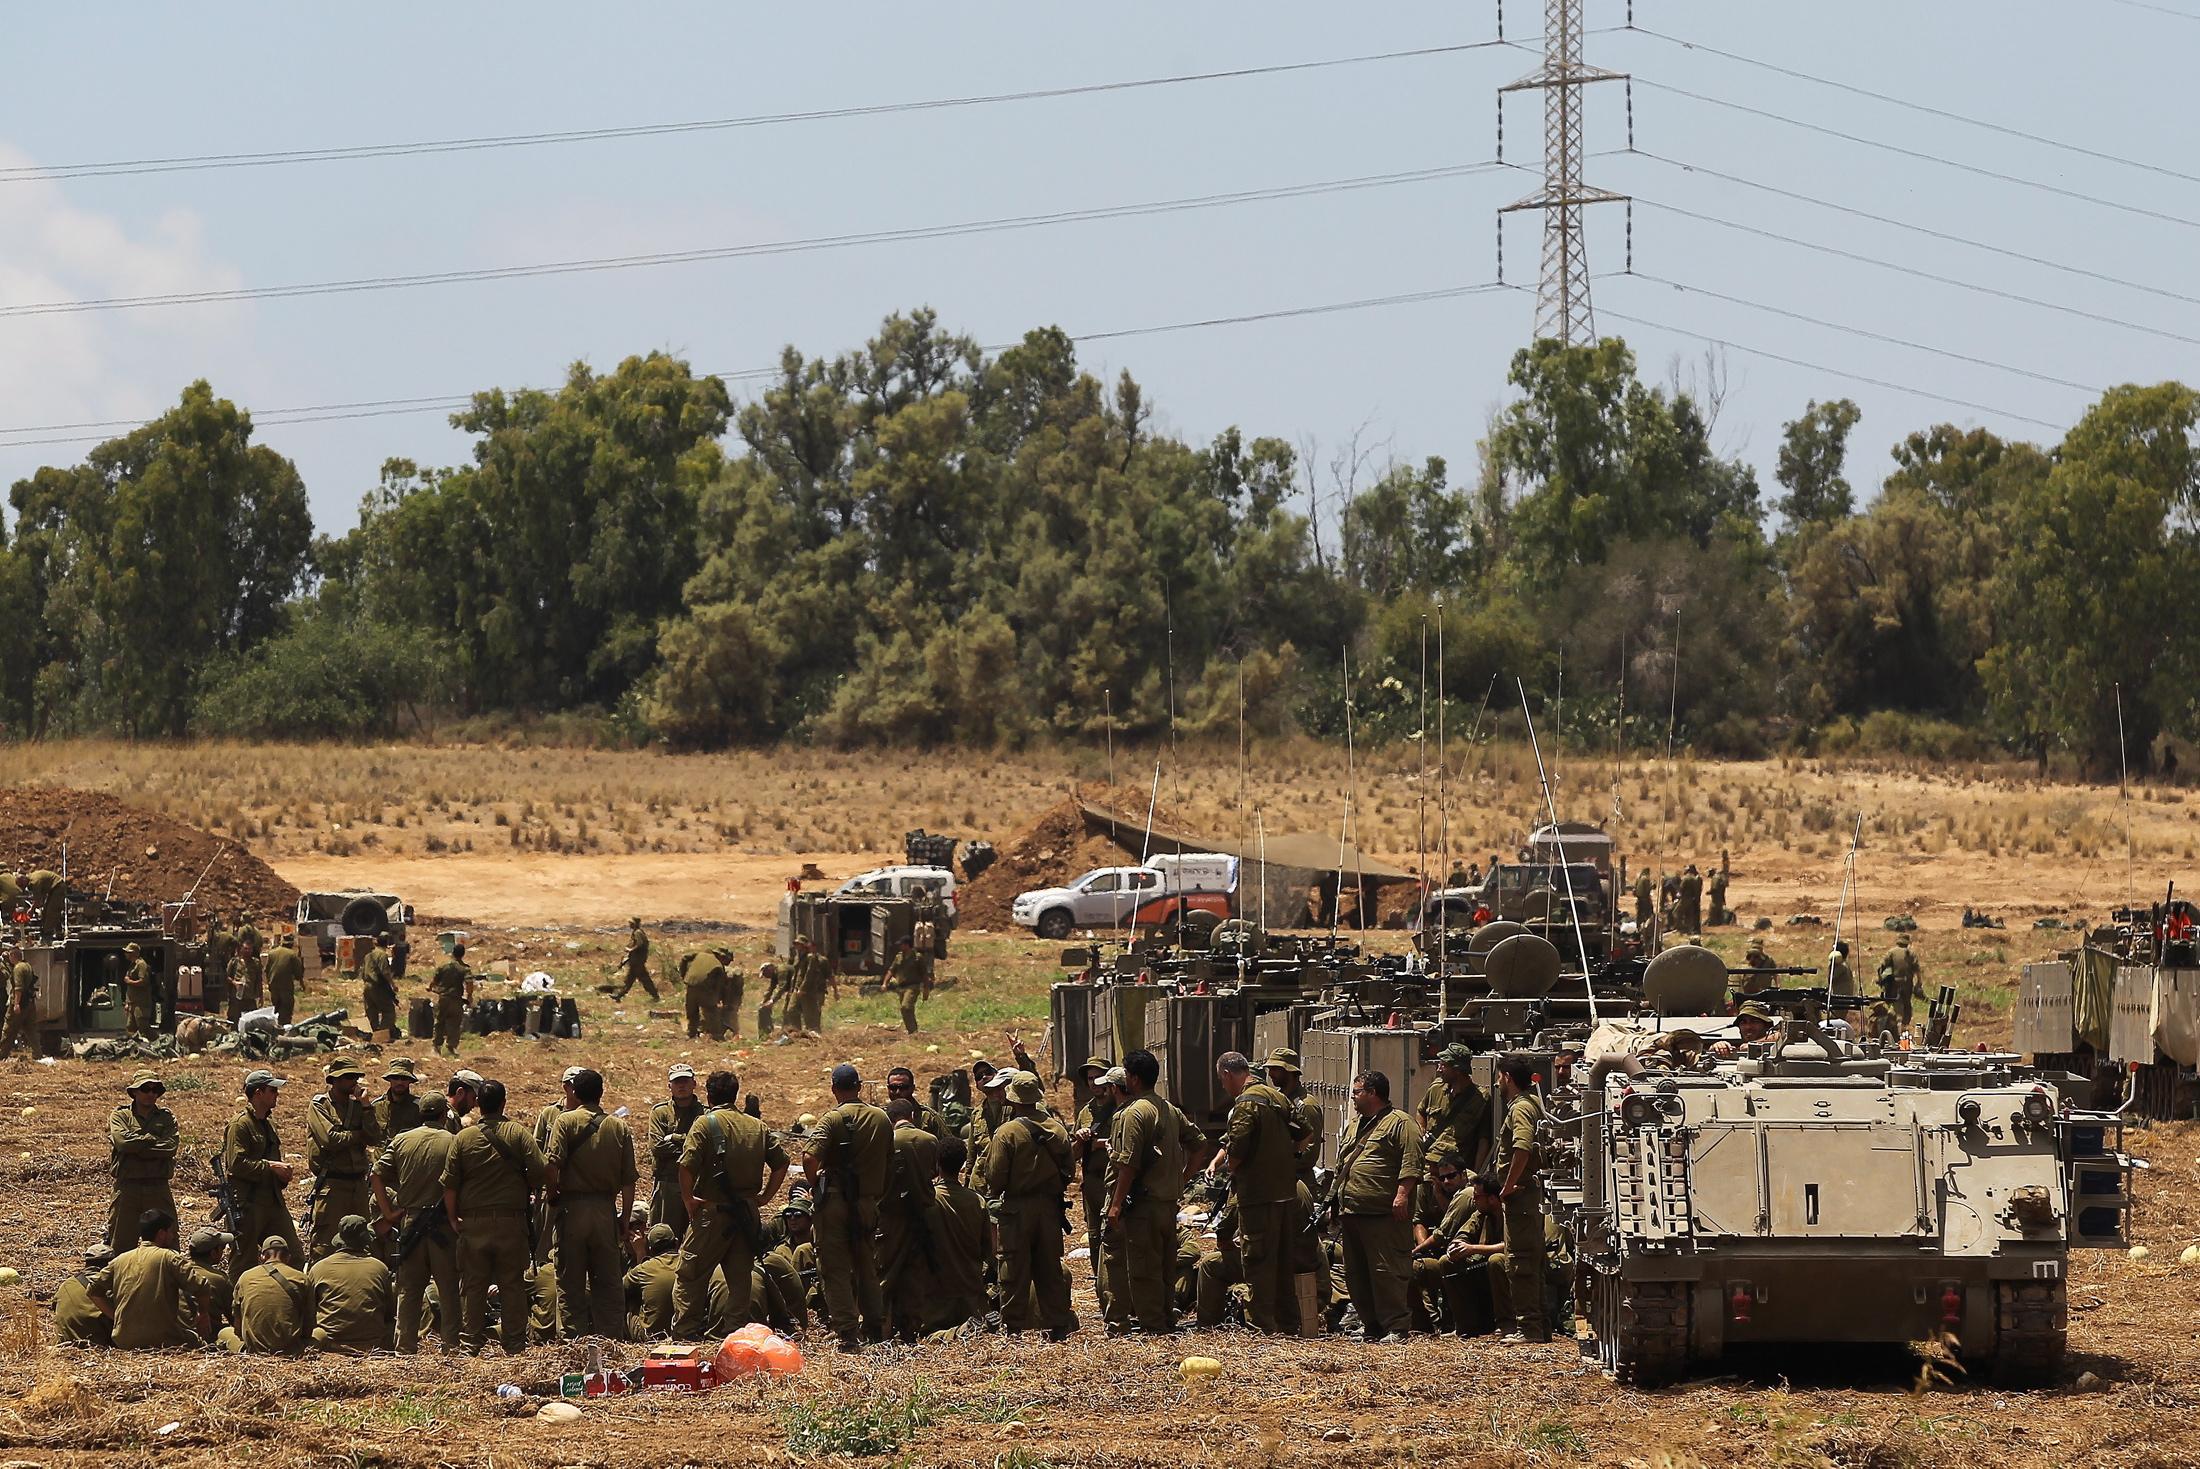 الوزاري الإسرائيلي المصغر يناقش هدنة لـ5 أيام بدون الخروج من قطاع غزة